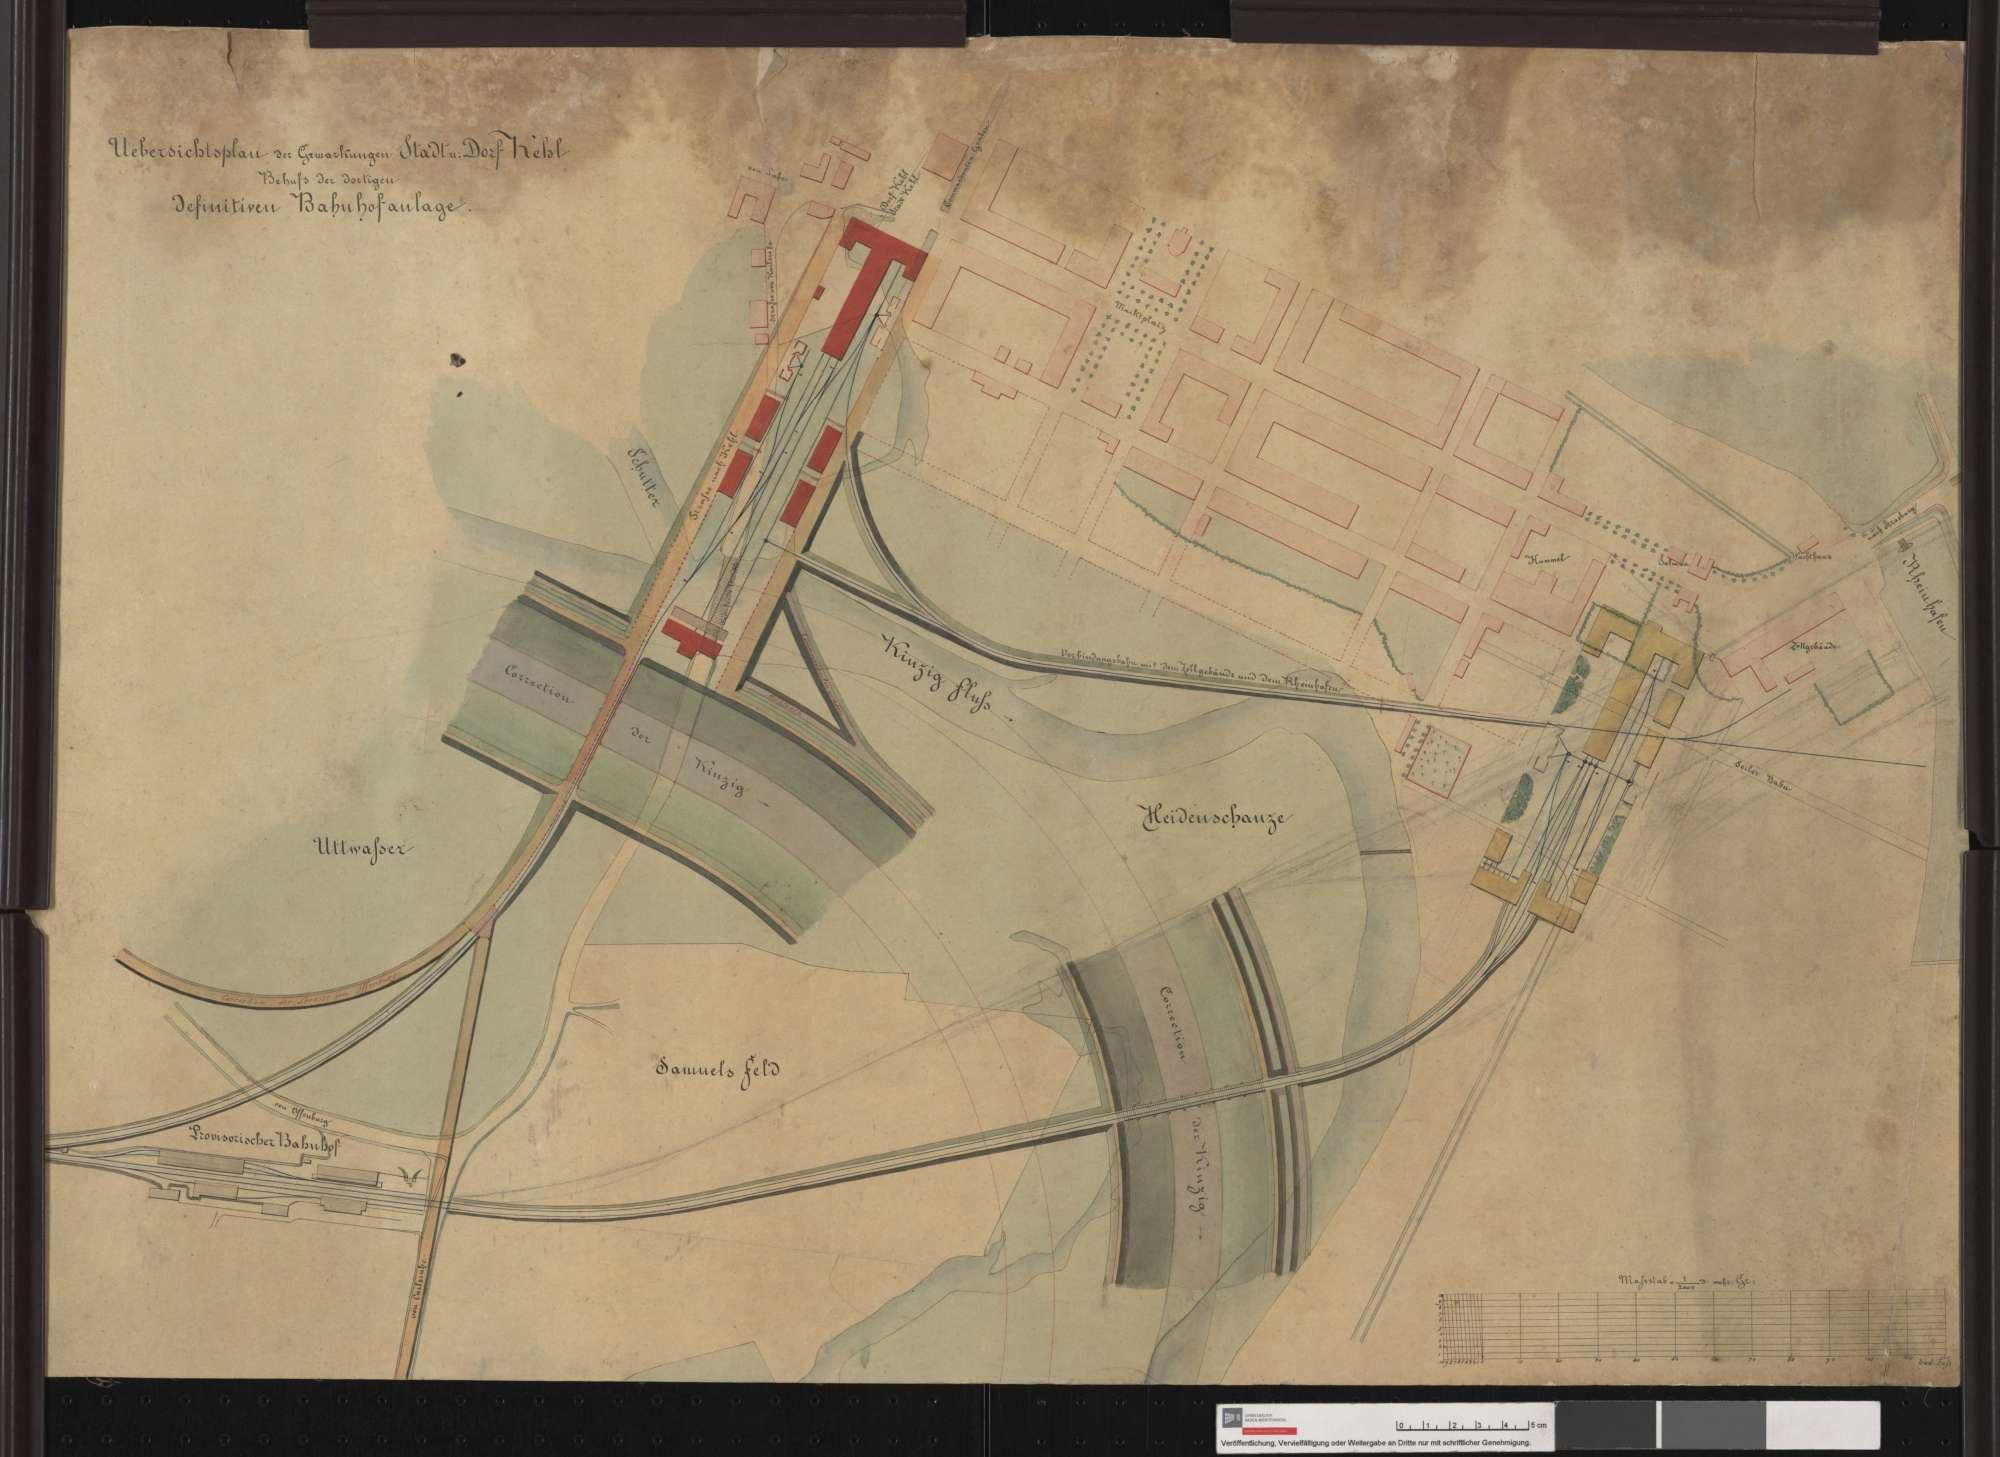 Situationsplan der Bahnhofsanlage Kehl, Bild 1